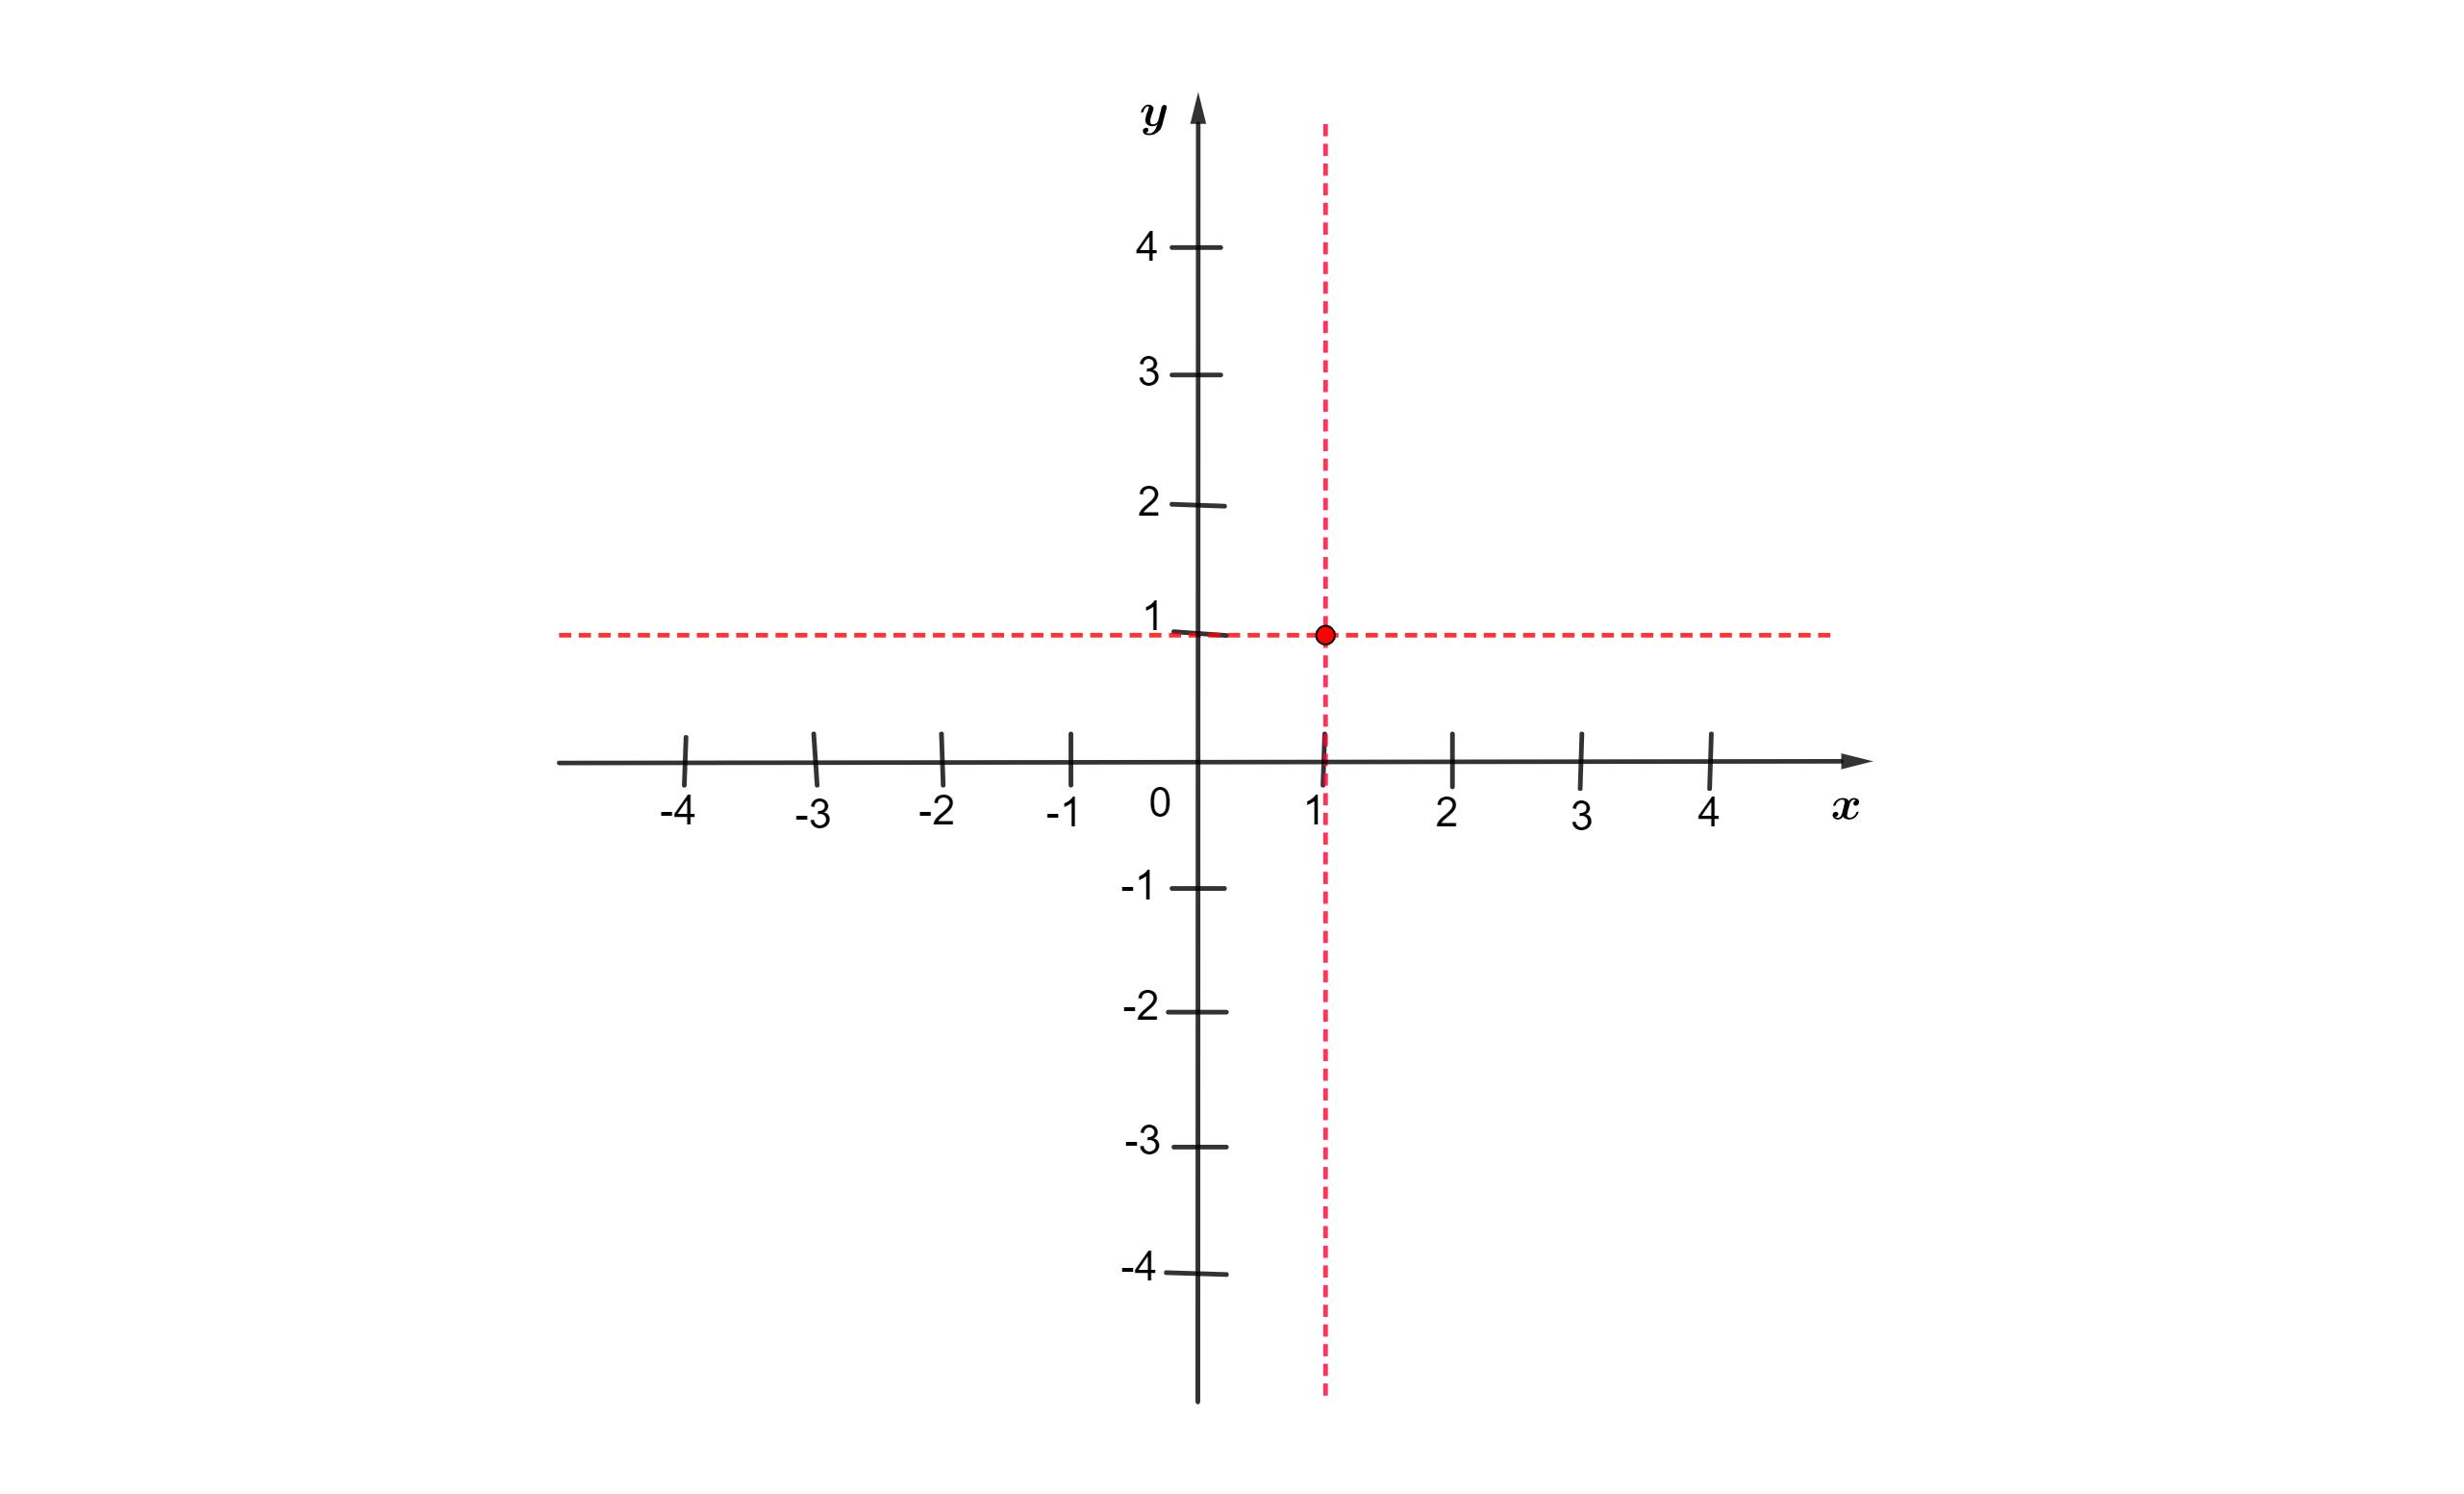 localizando pontos no plano cartesiano